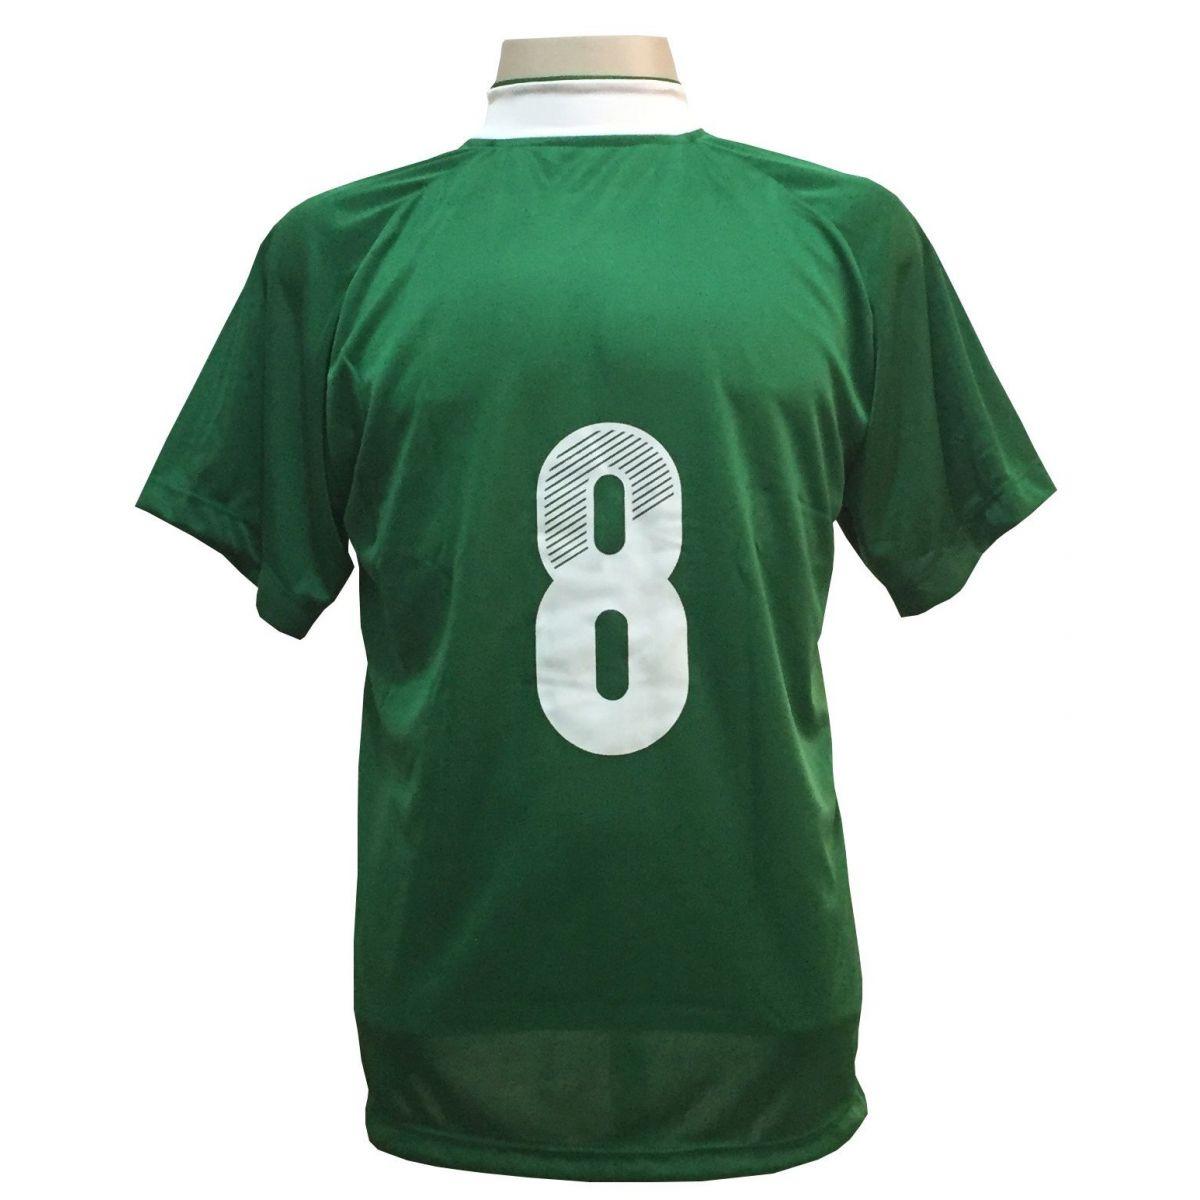 Uniforme Esportivo com 12 camisas modelo Milan Verde/Branco + 12 calções modelo Copa Verde/Branco + Brindes